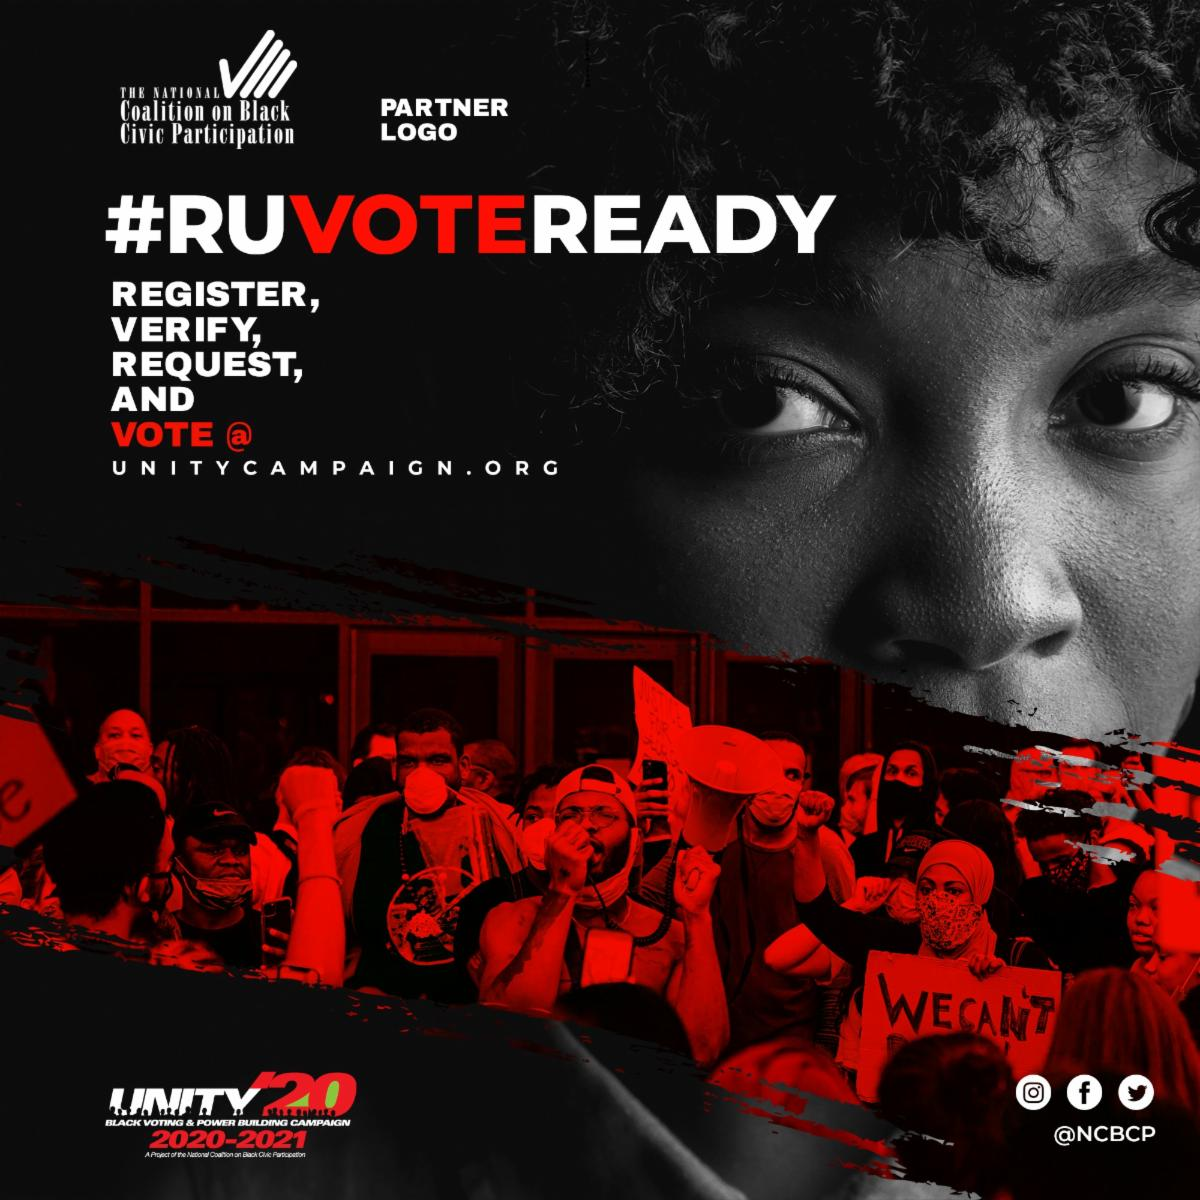 NCBCP - #RUVOTEREADY_Reg_Verify_Request_Vote